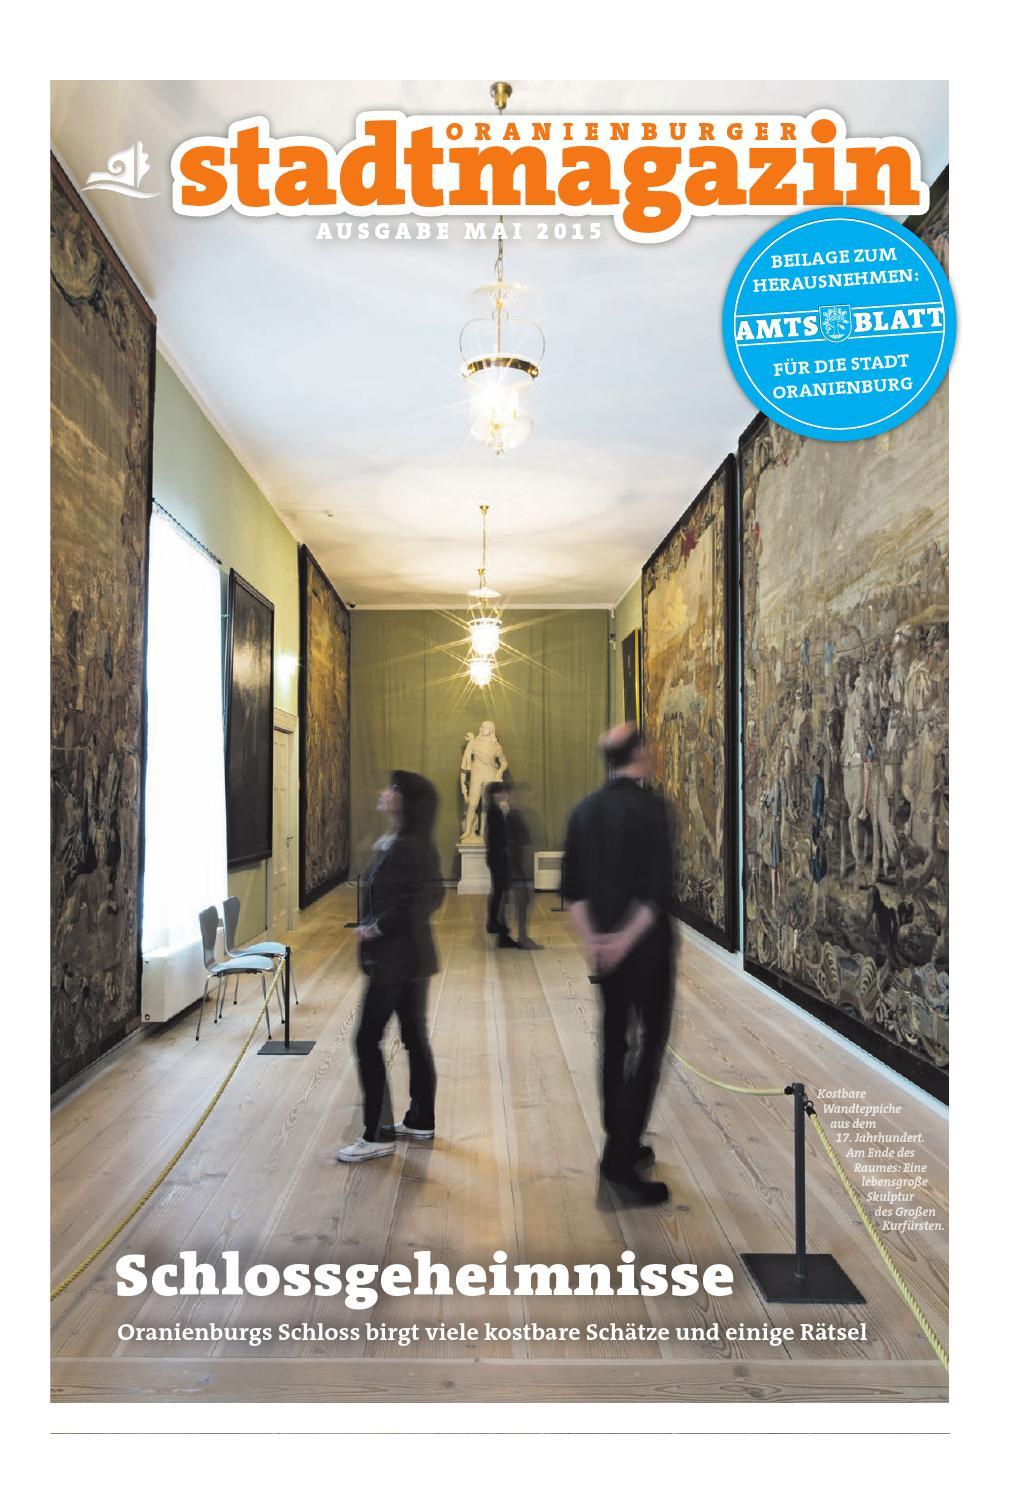 Oranienburger Stadtmagazin (Mai 2015) by Stadt Oranienburg - issuu